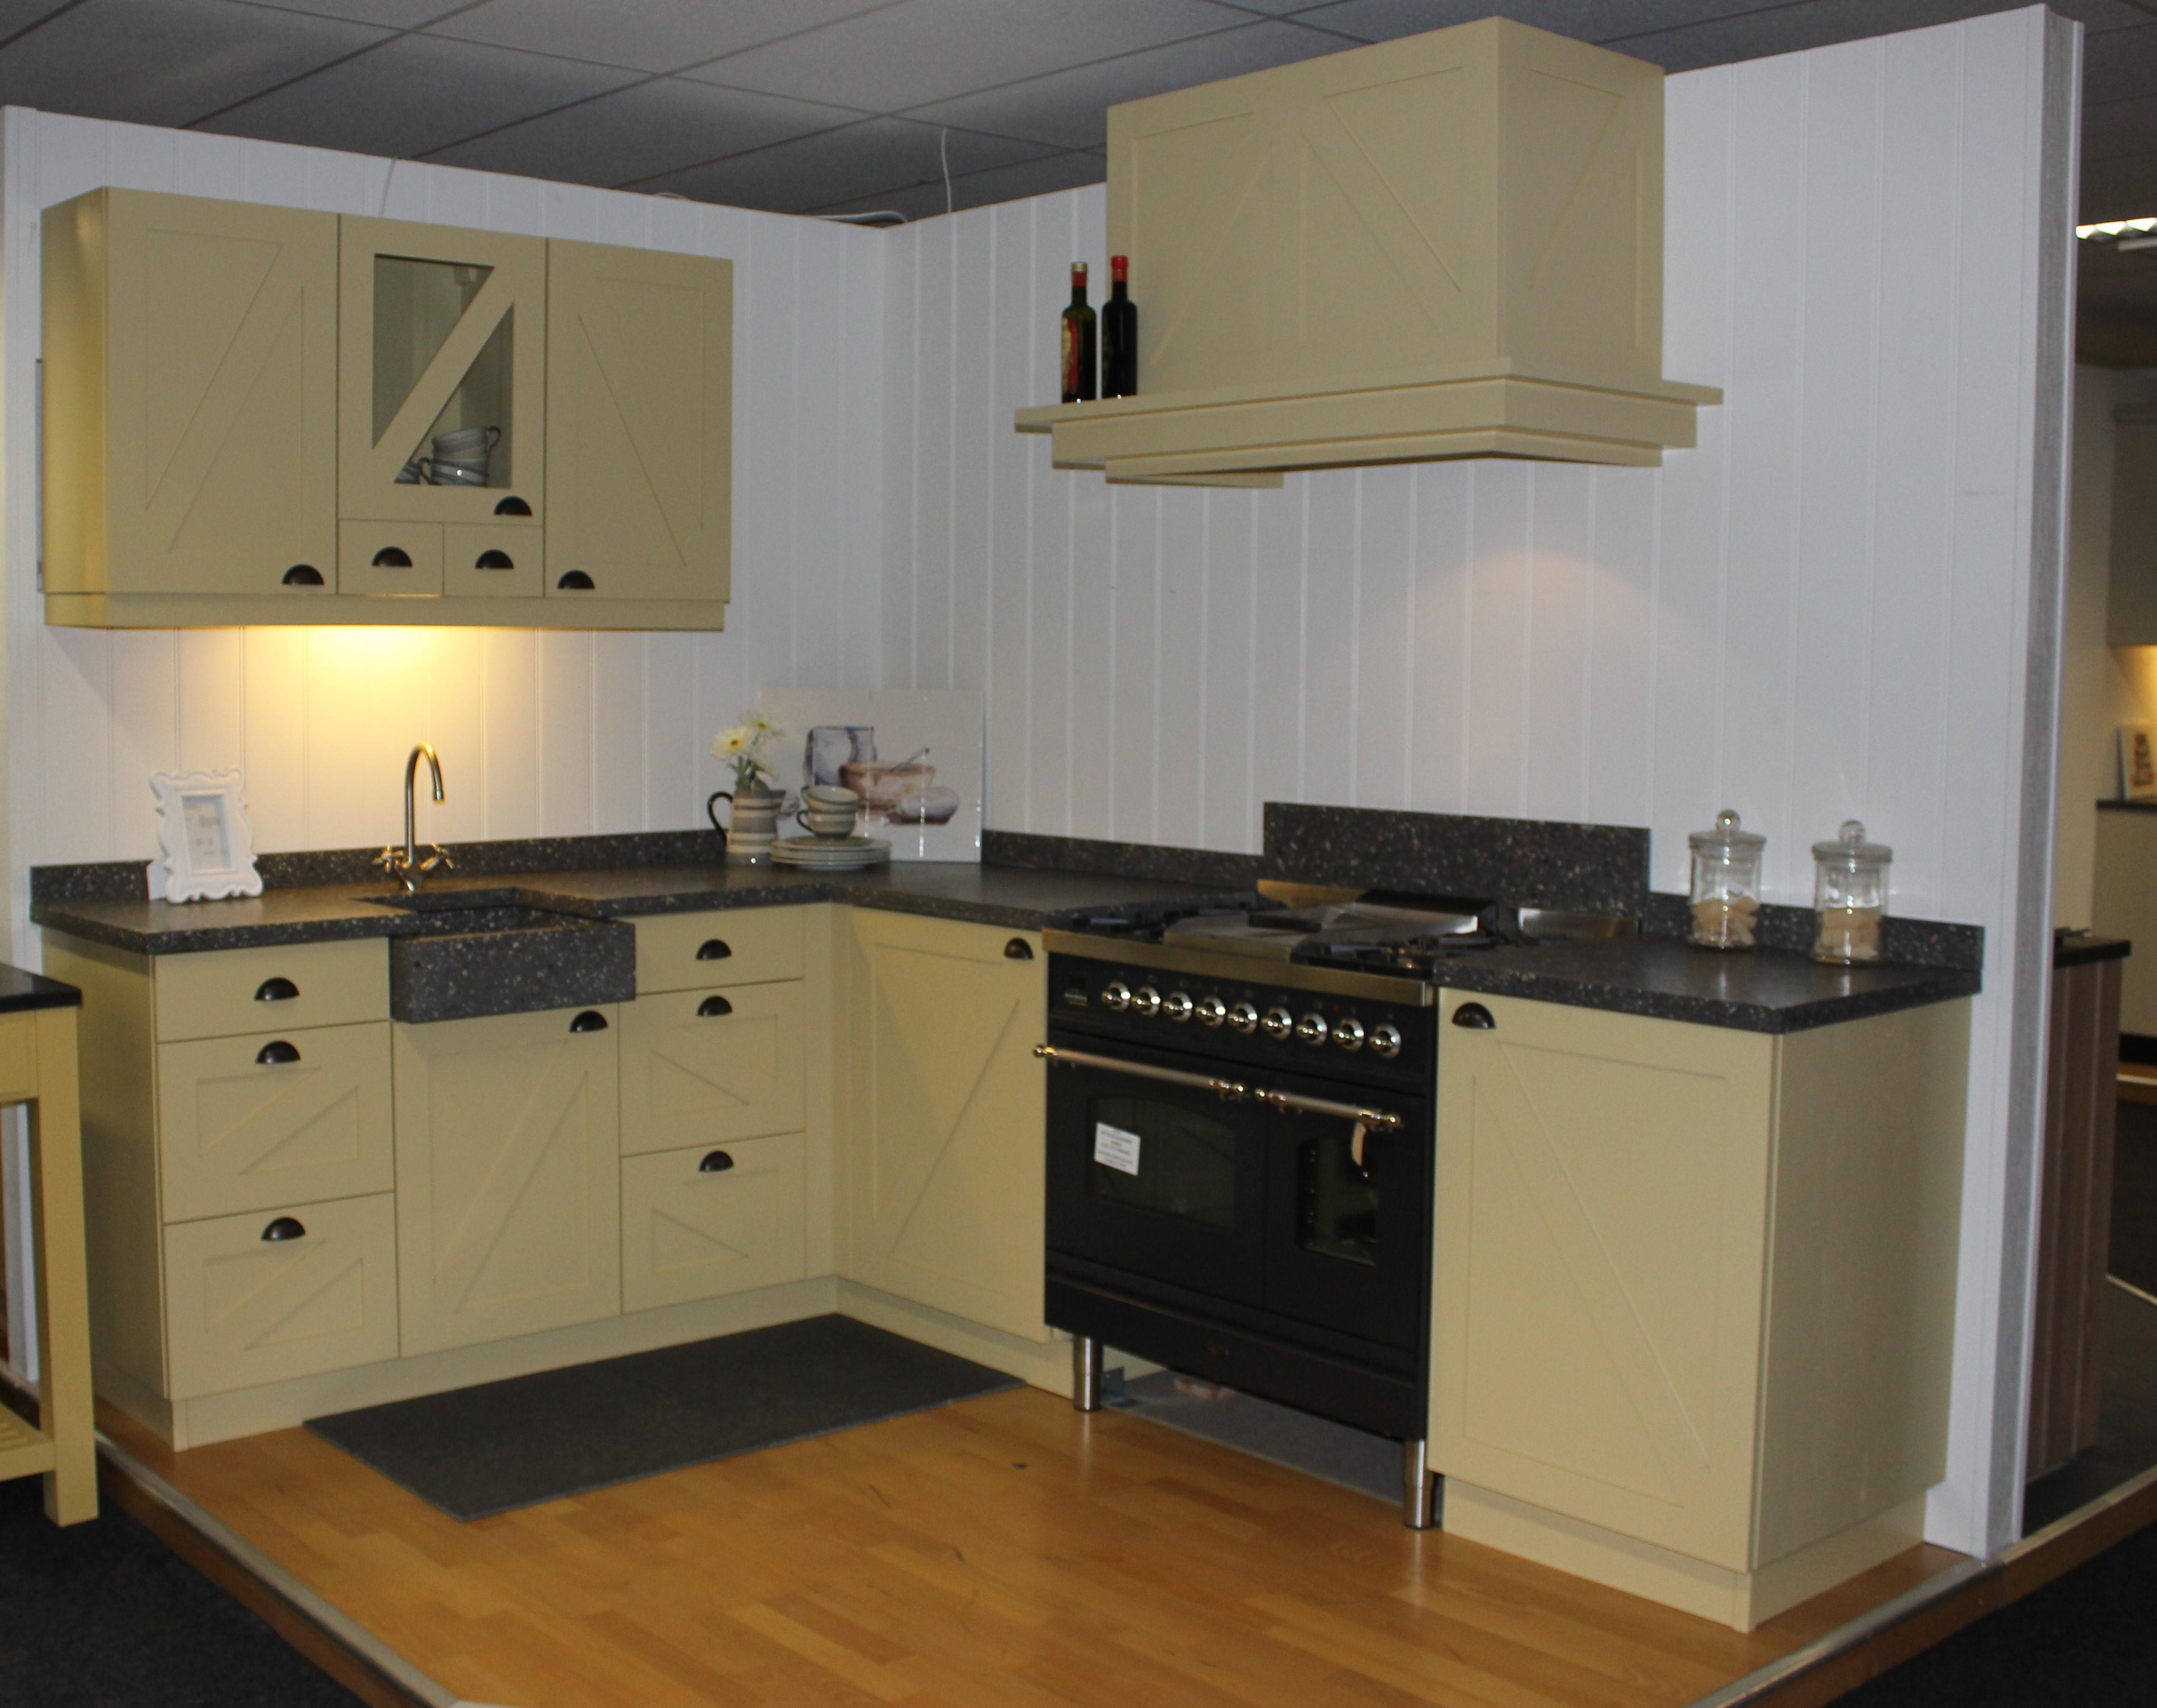 Keukens Opruiming: Opruiming keukens uit voorraad leverbaar.